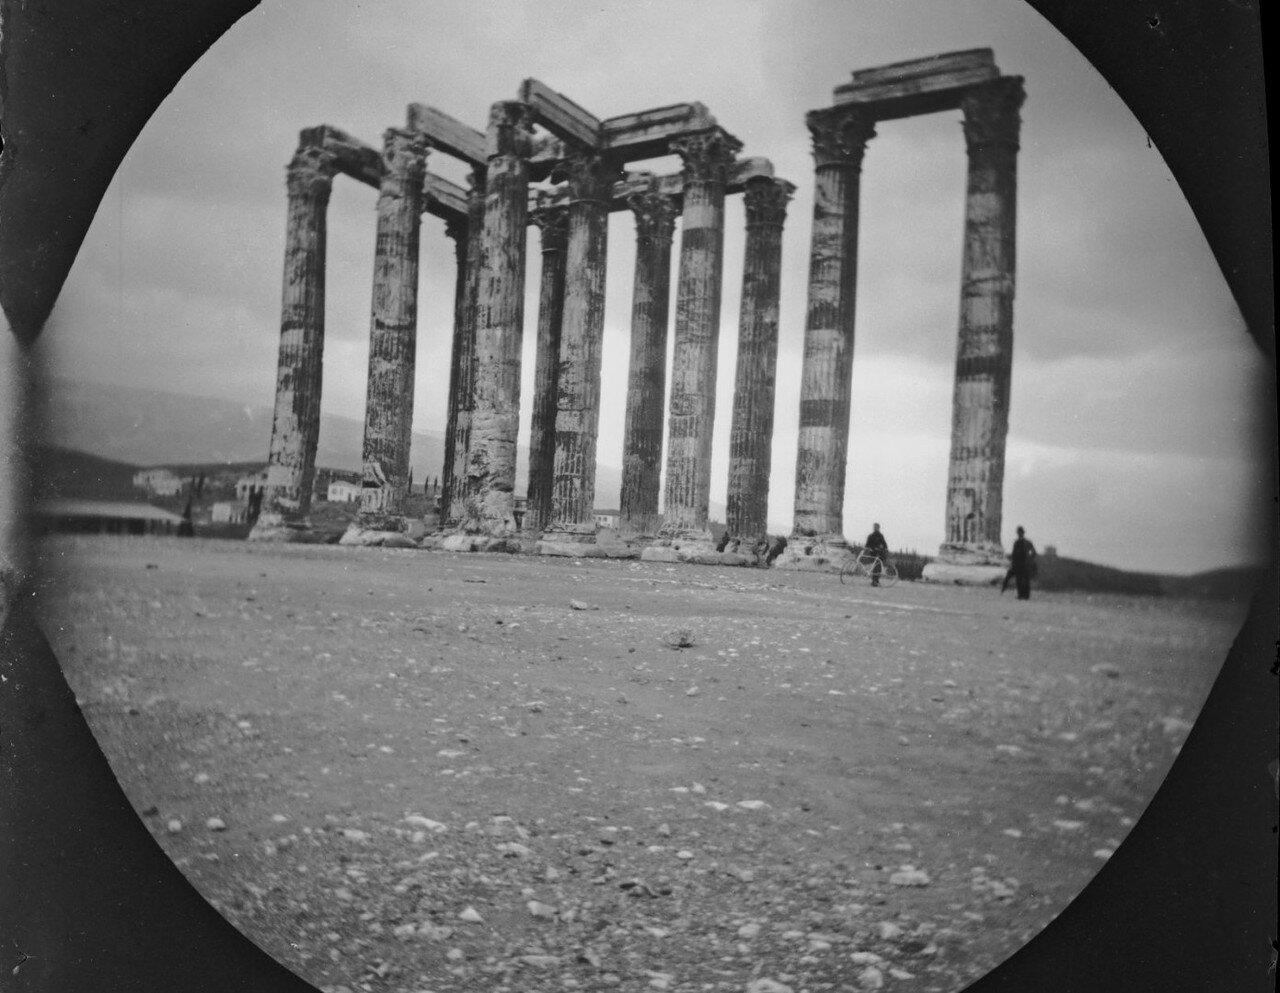 Уильям Захтбелен и Базилос Капсамбелис возле храма Зевса Олимпийского